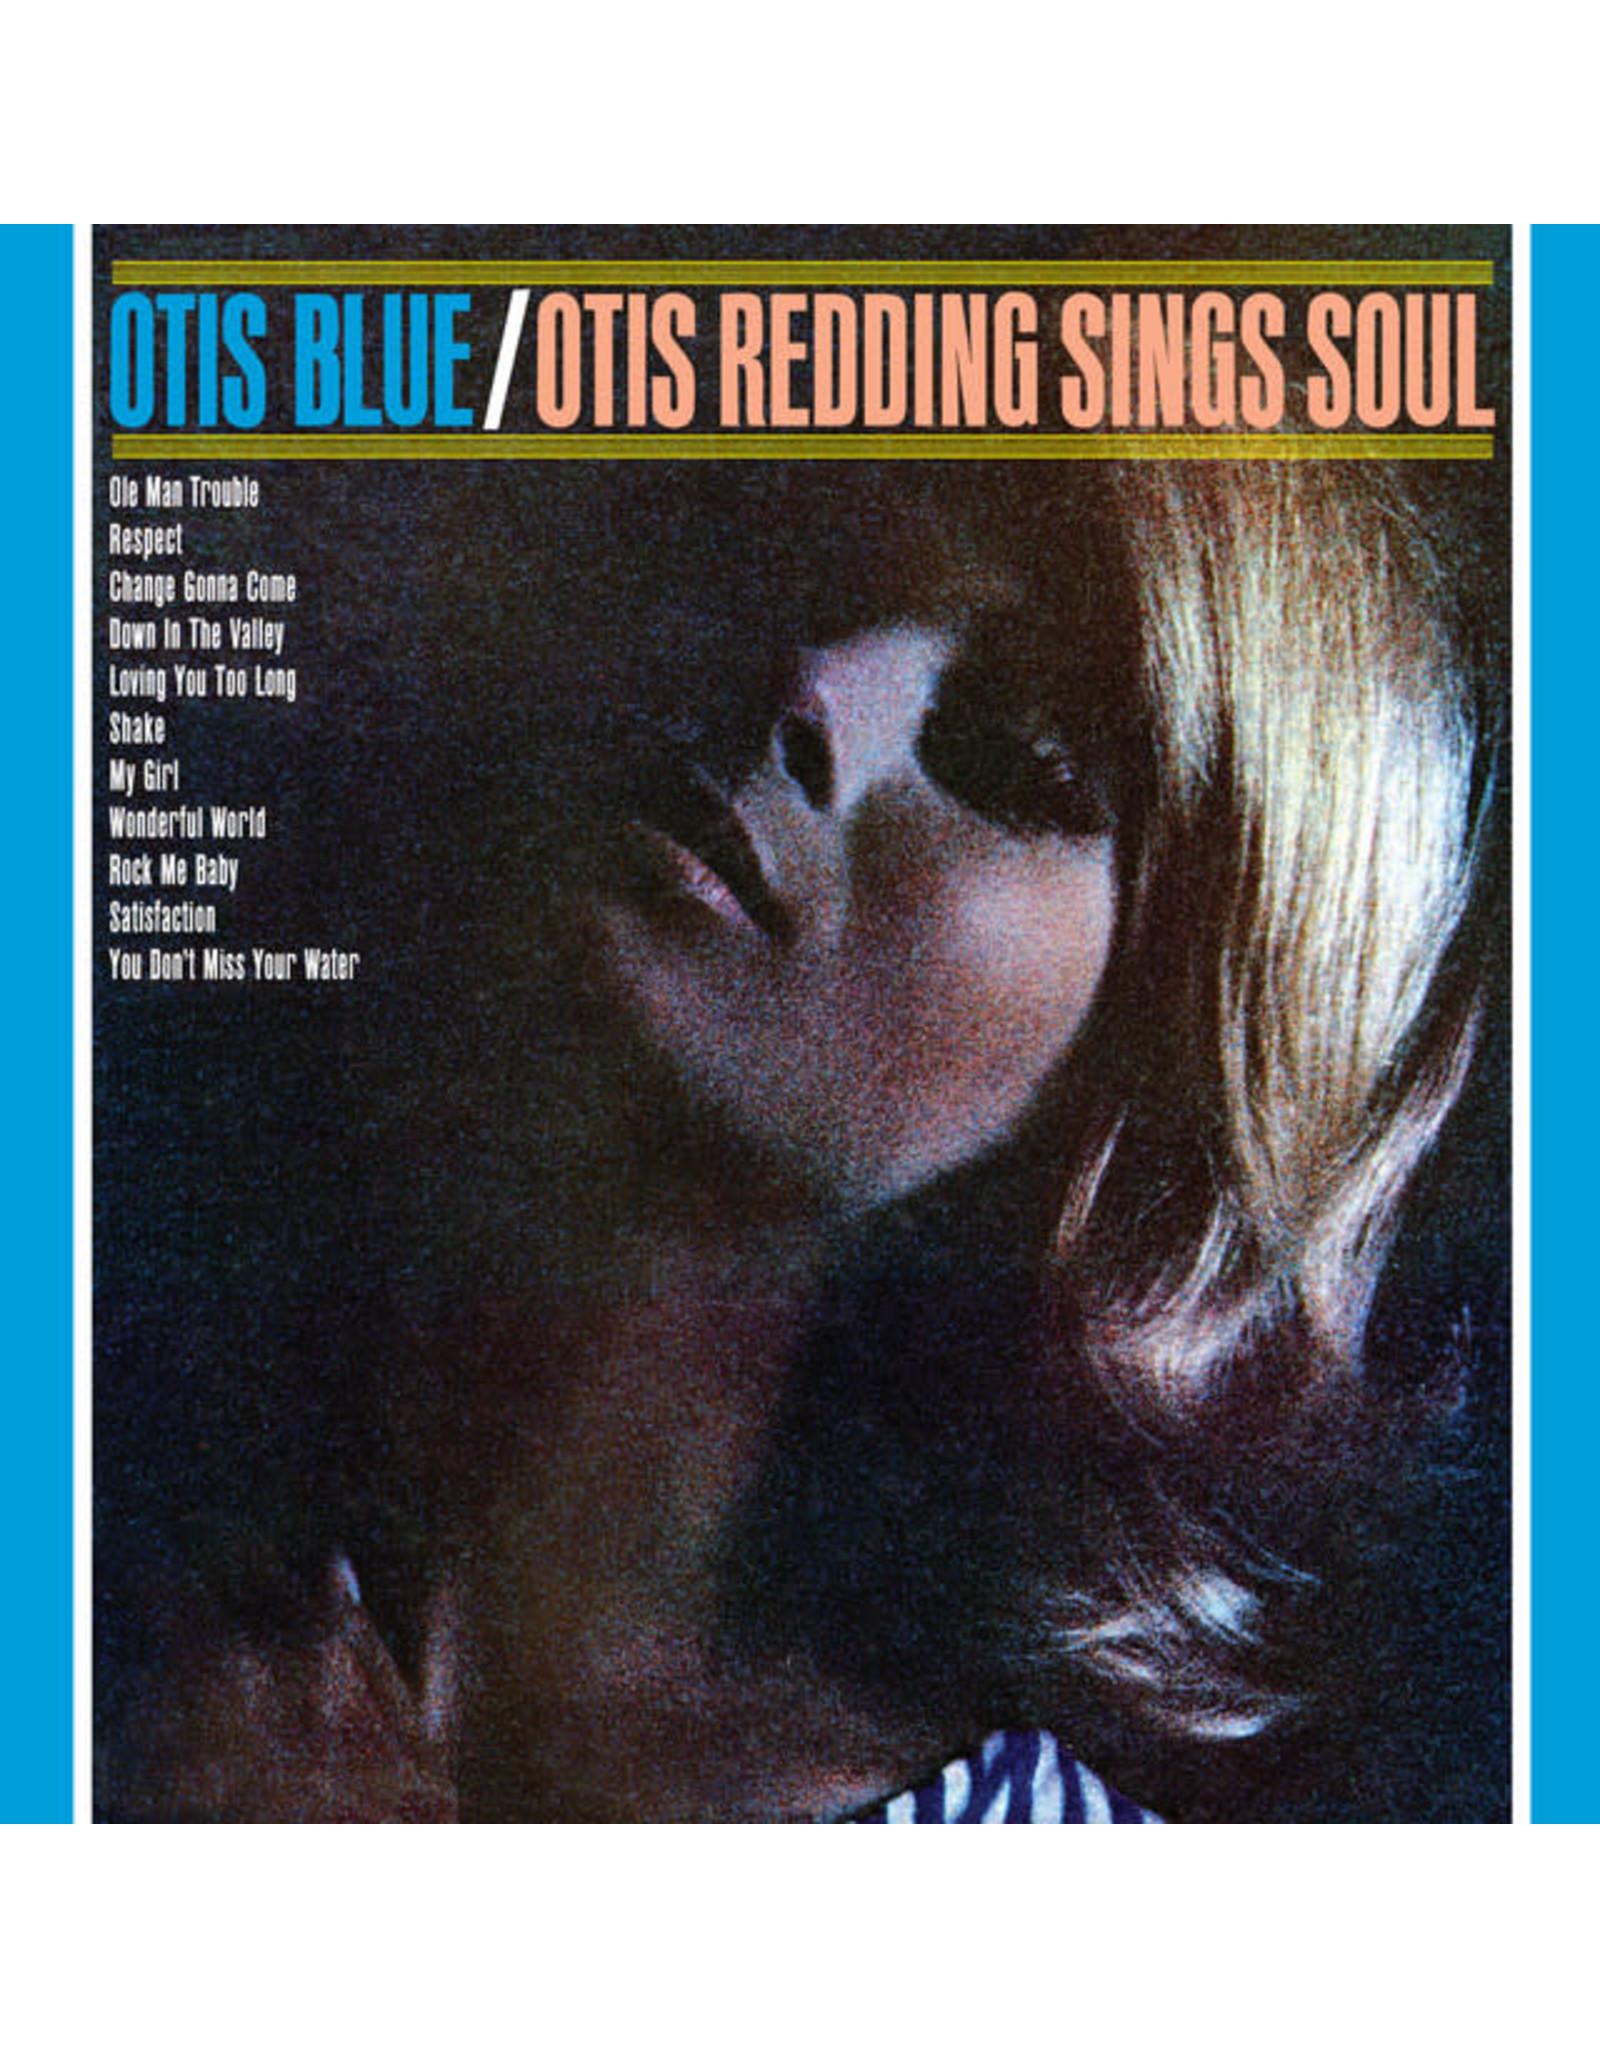 Vinyl Otis Redding - Otis Redding Sings Soul